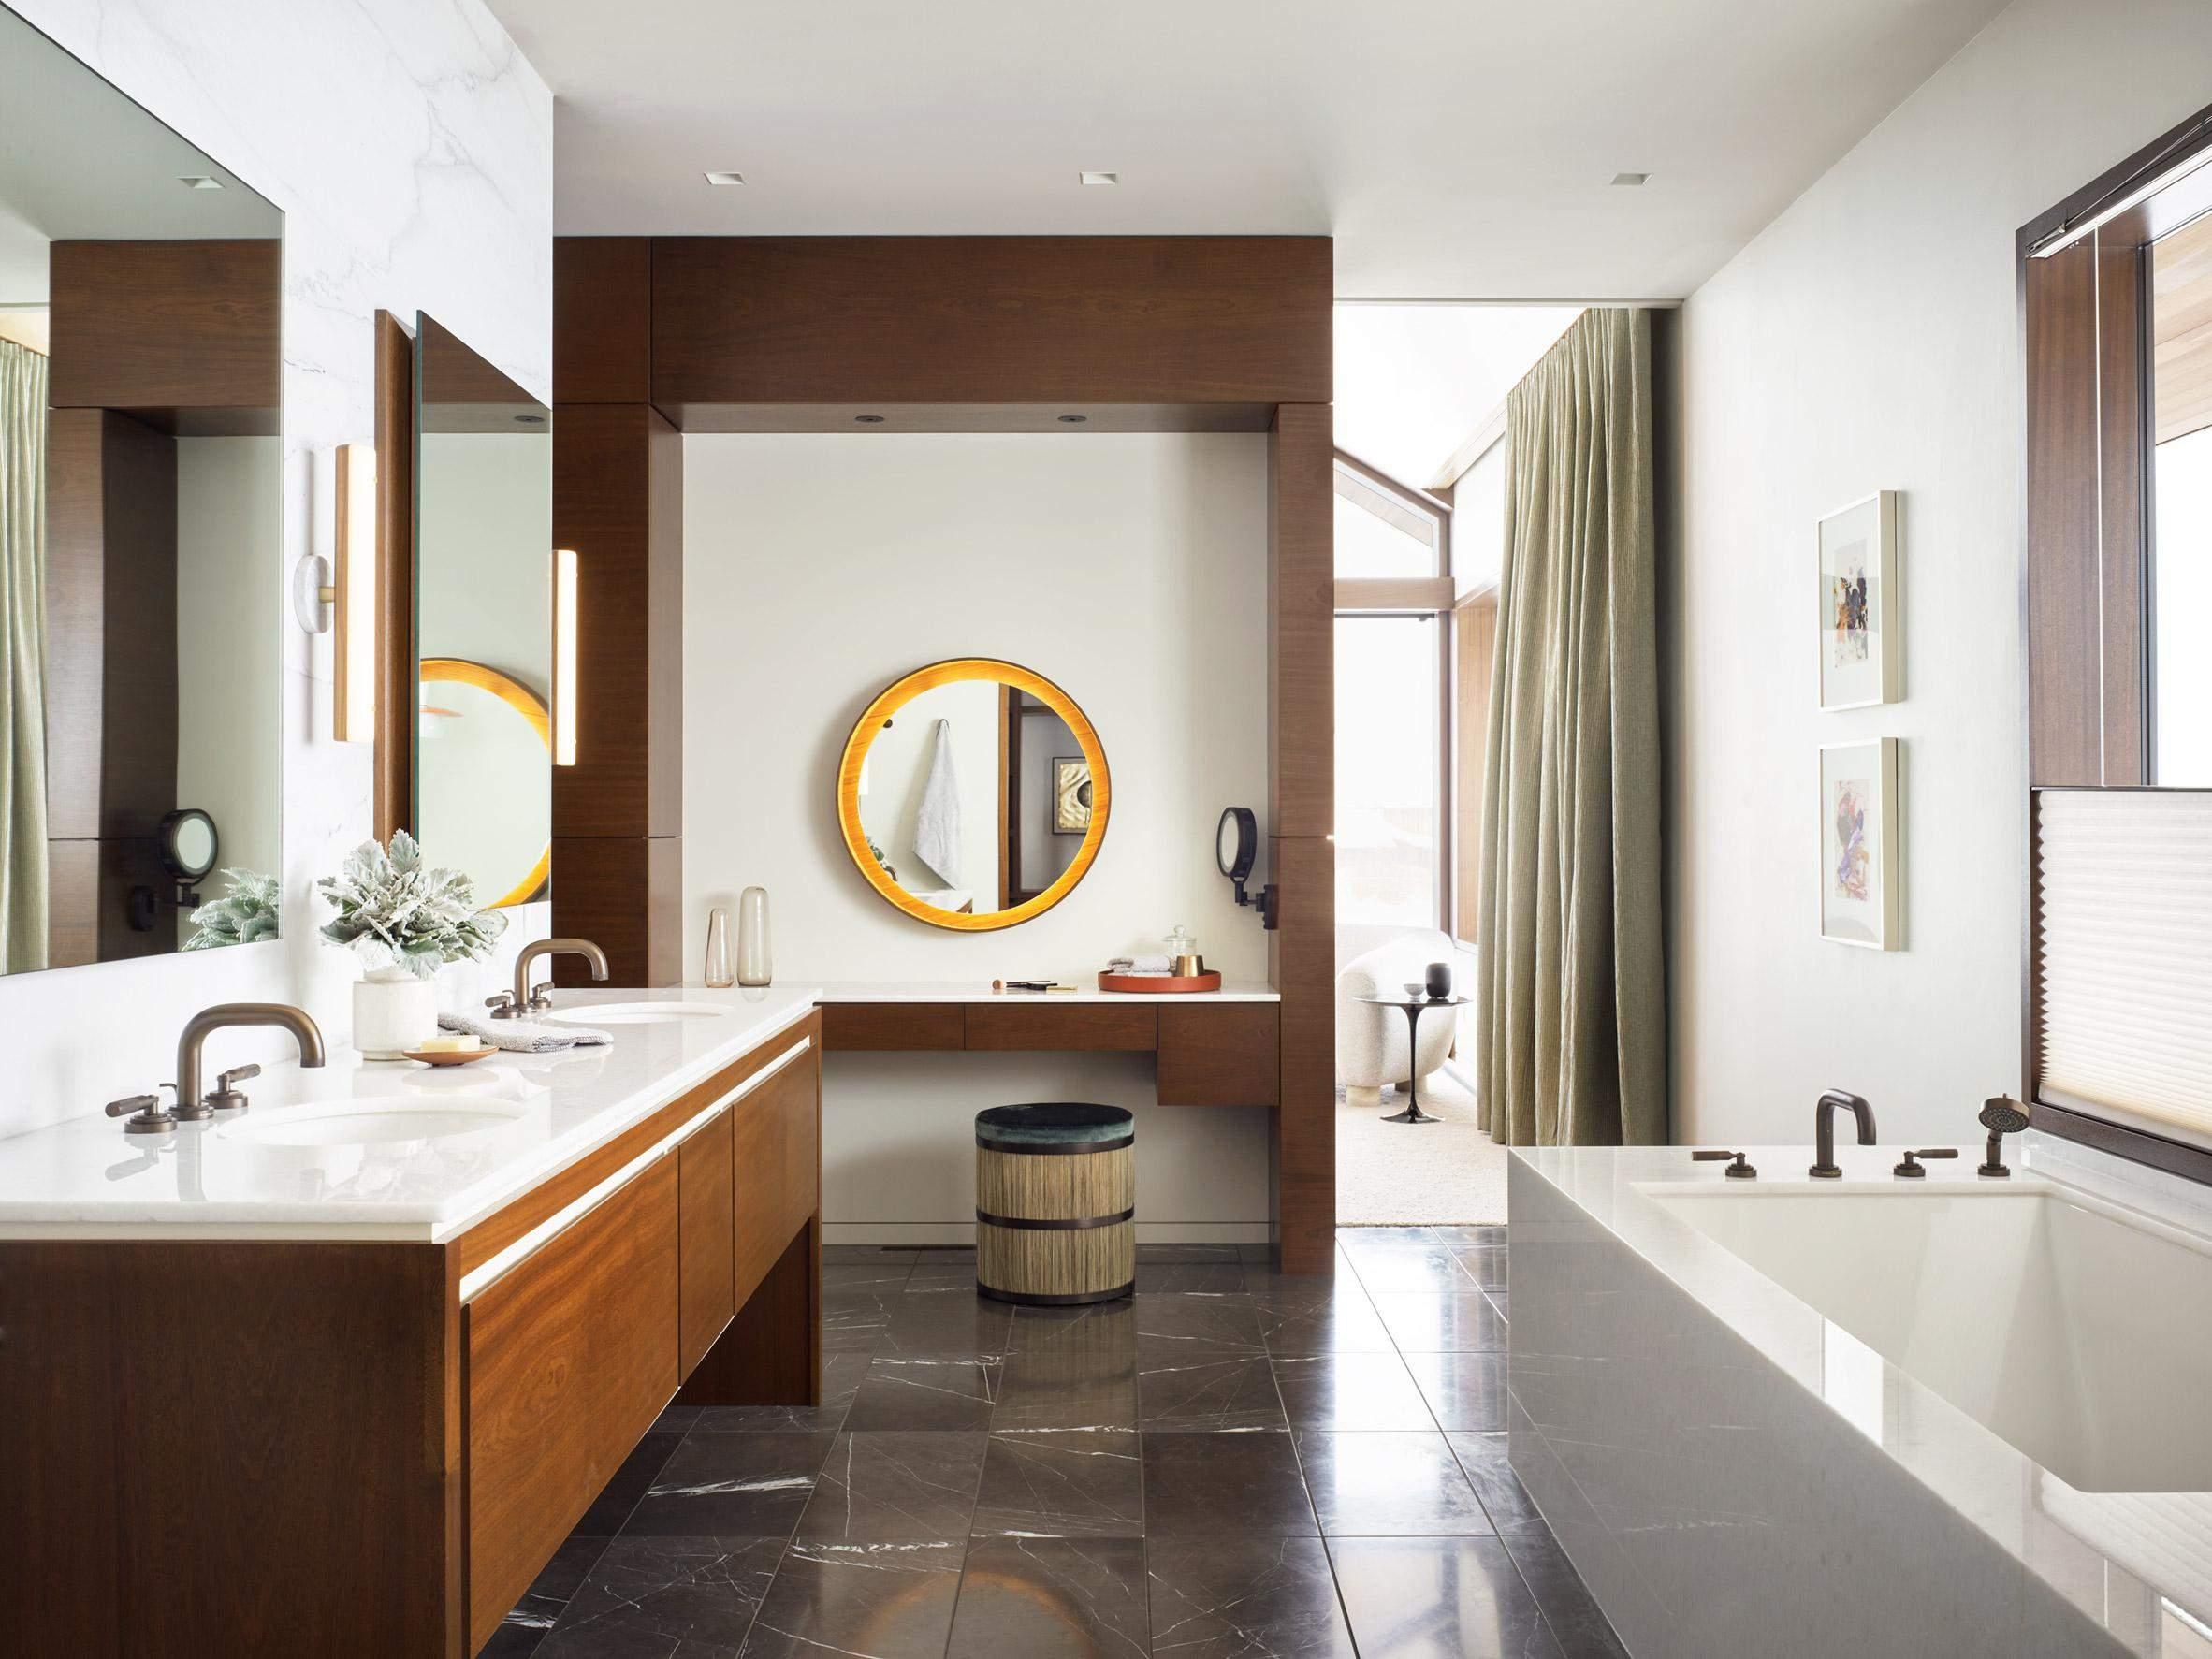 Навіть у ванній кімнаті використали багато темного дерева / Фото Deezen